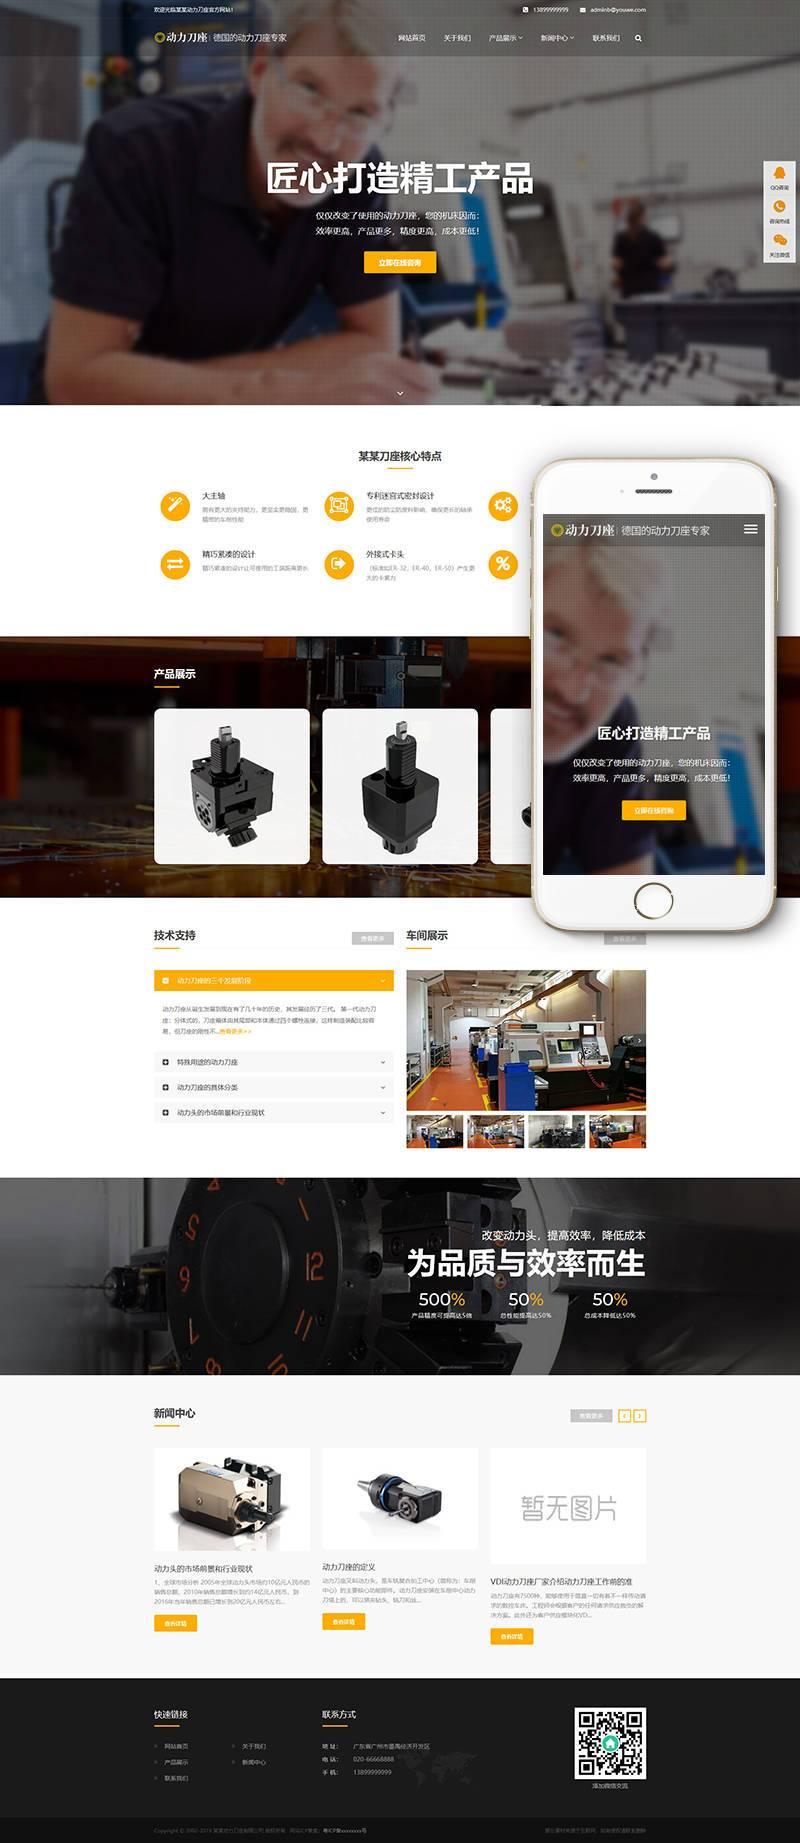 动力刀闸生产企业网站